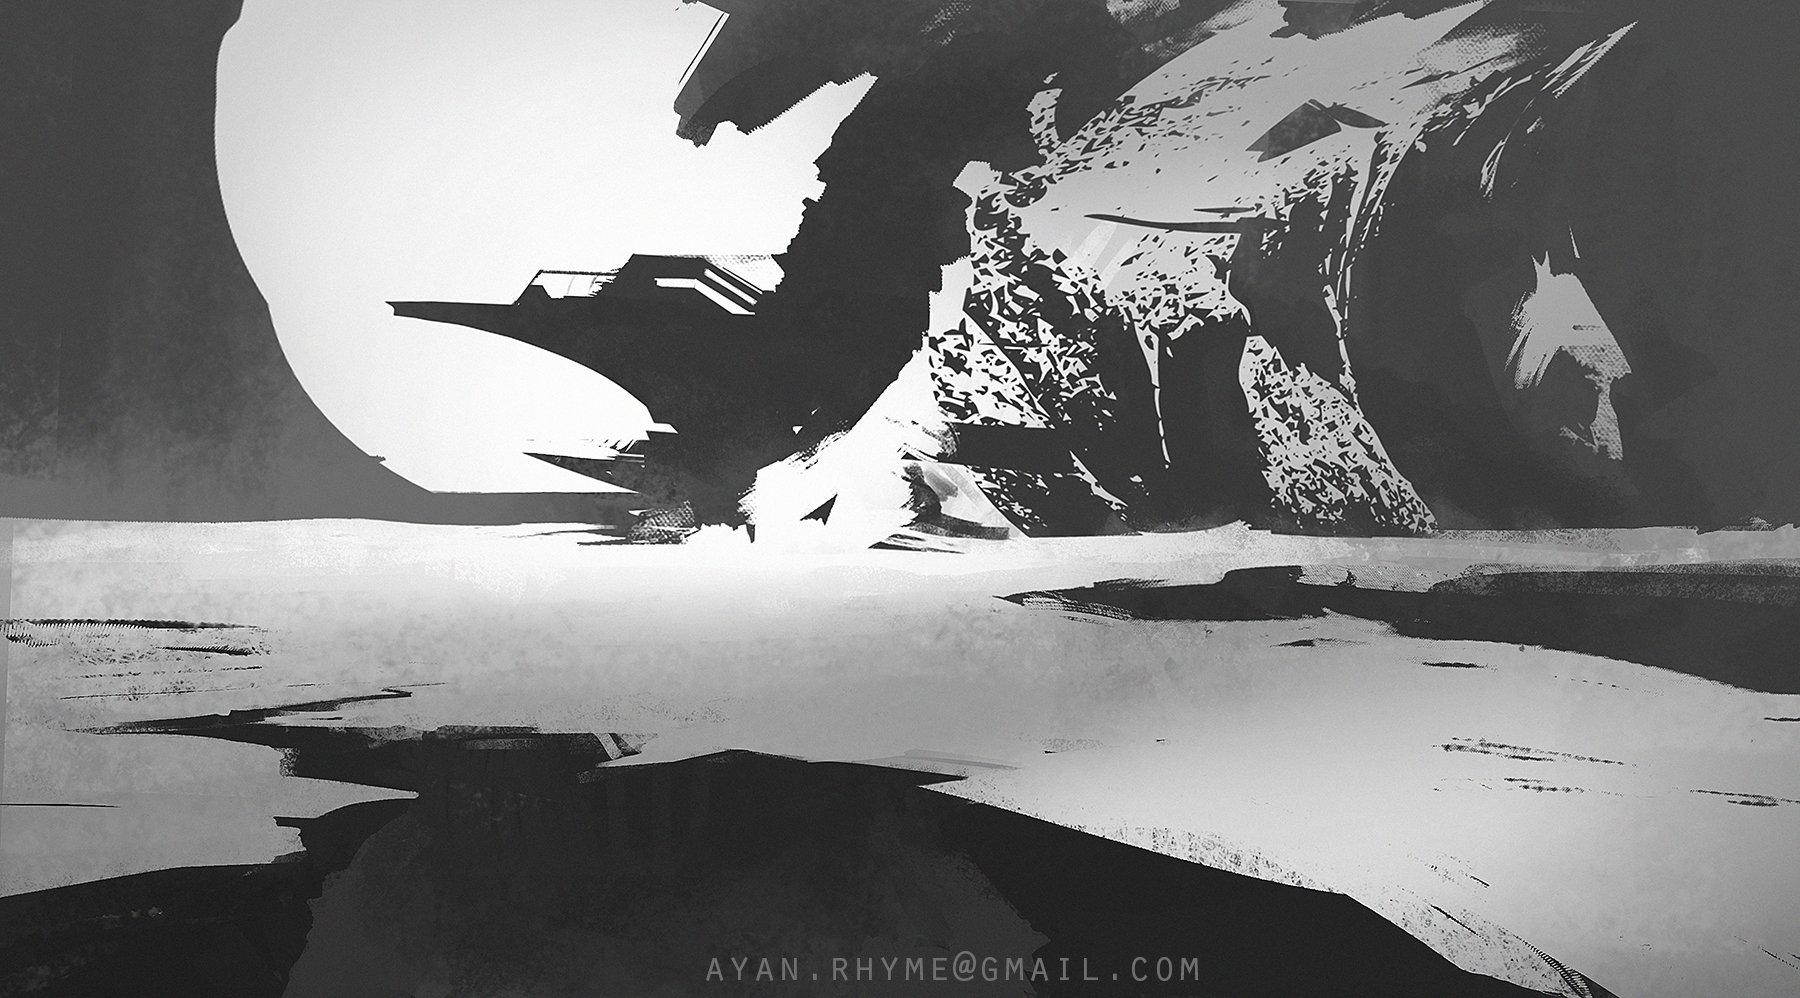 Ayan nag hideout value by ayan nag lowres